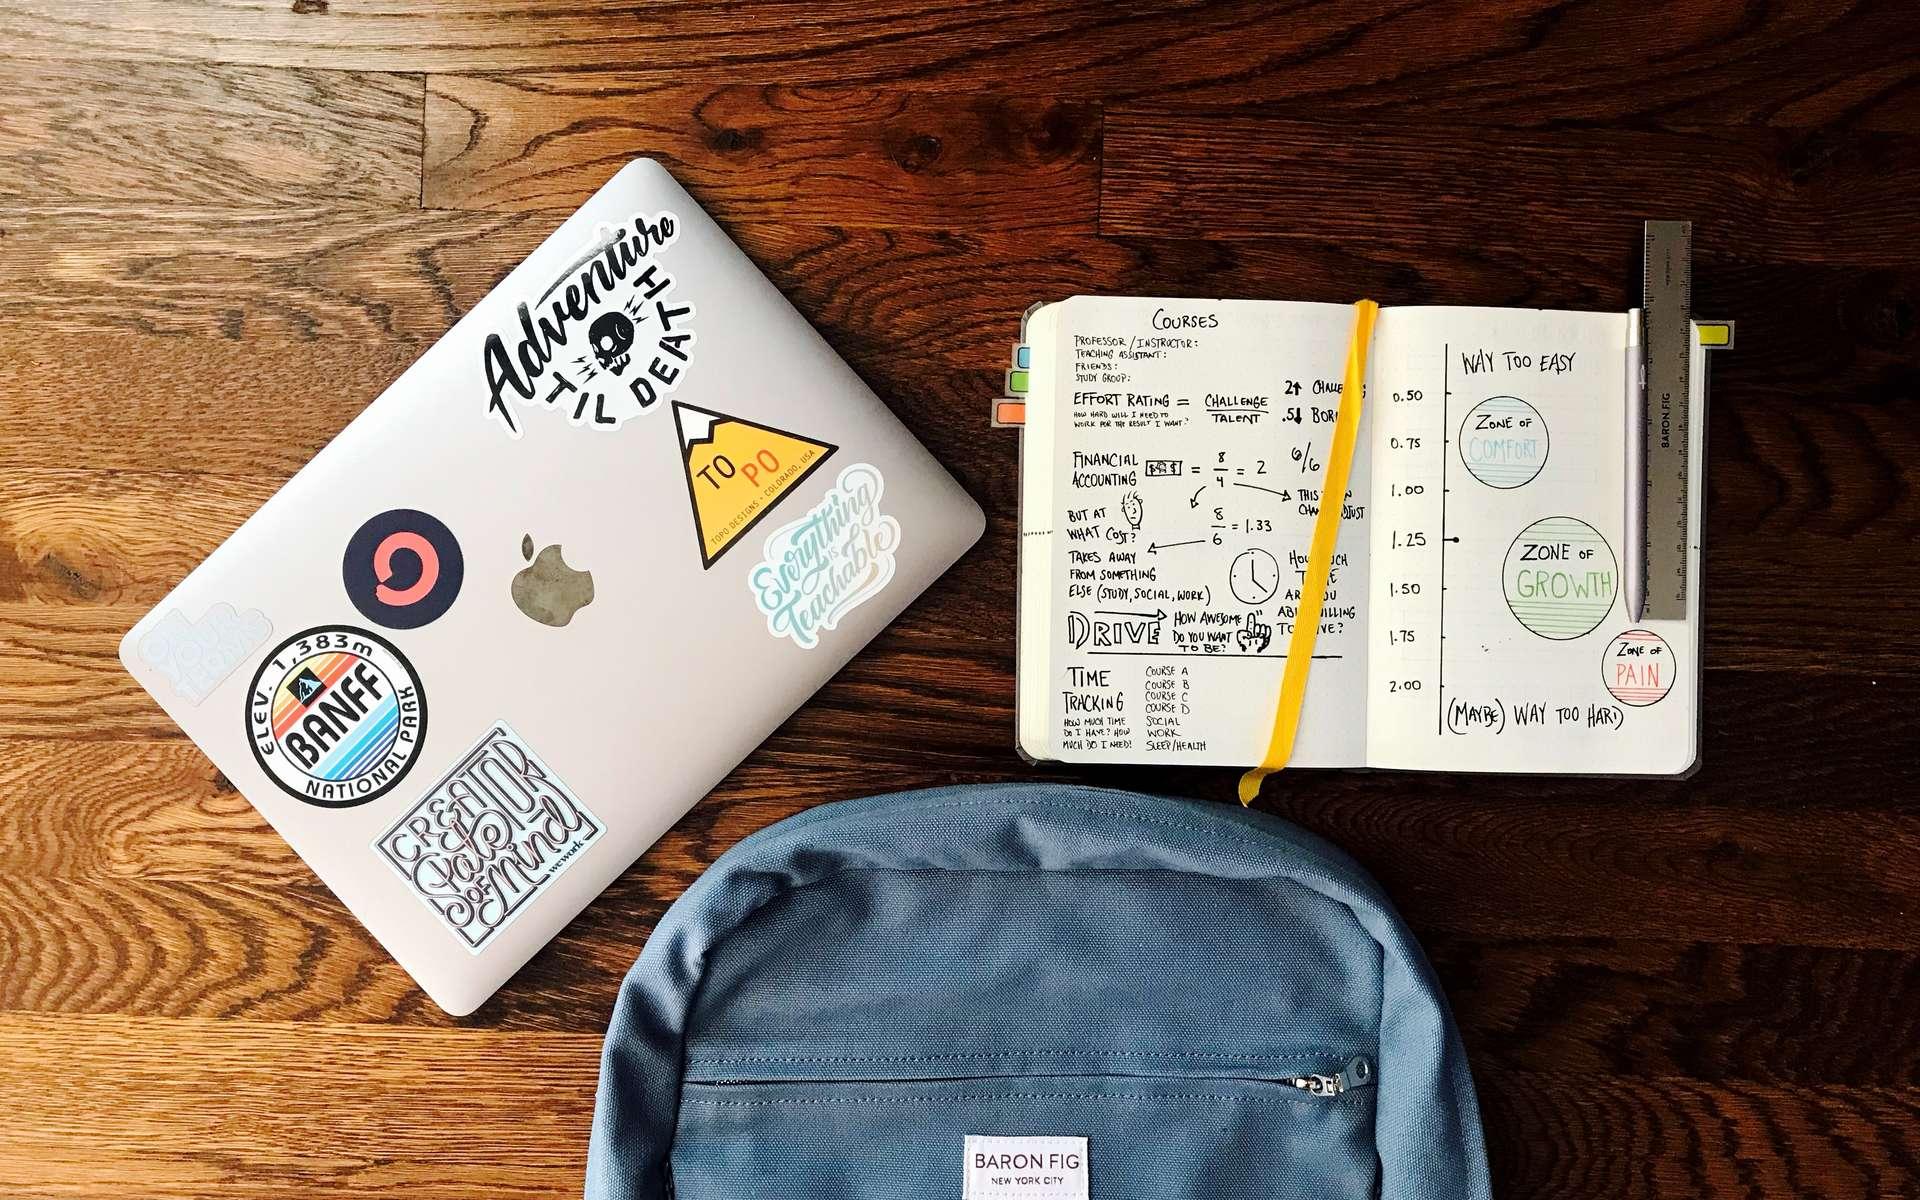 Profitez de bons plans allant jusqu'à -80% pour préparer la rentrée © Matt Ragland, Unsplash